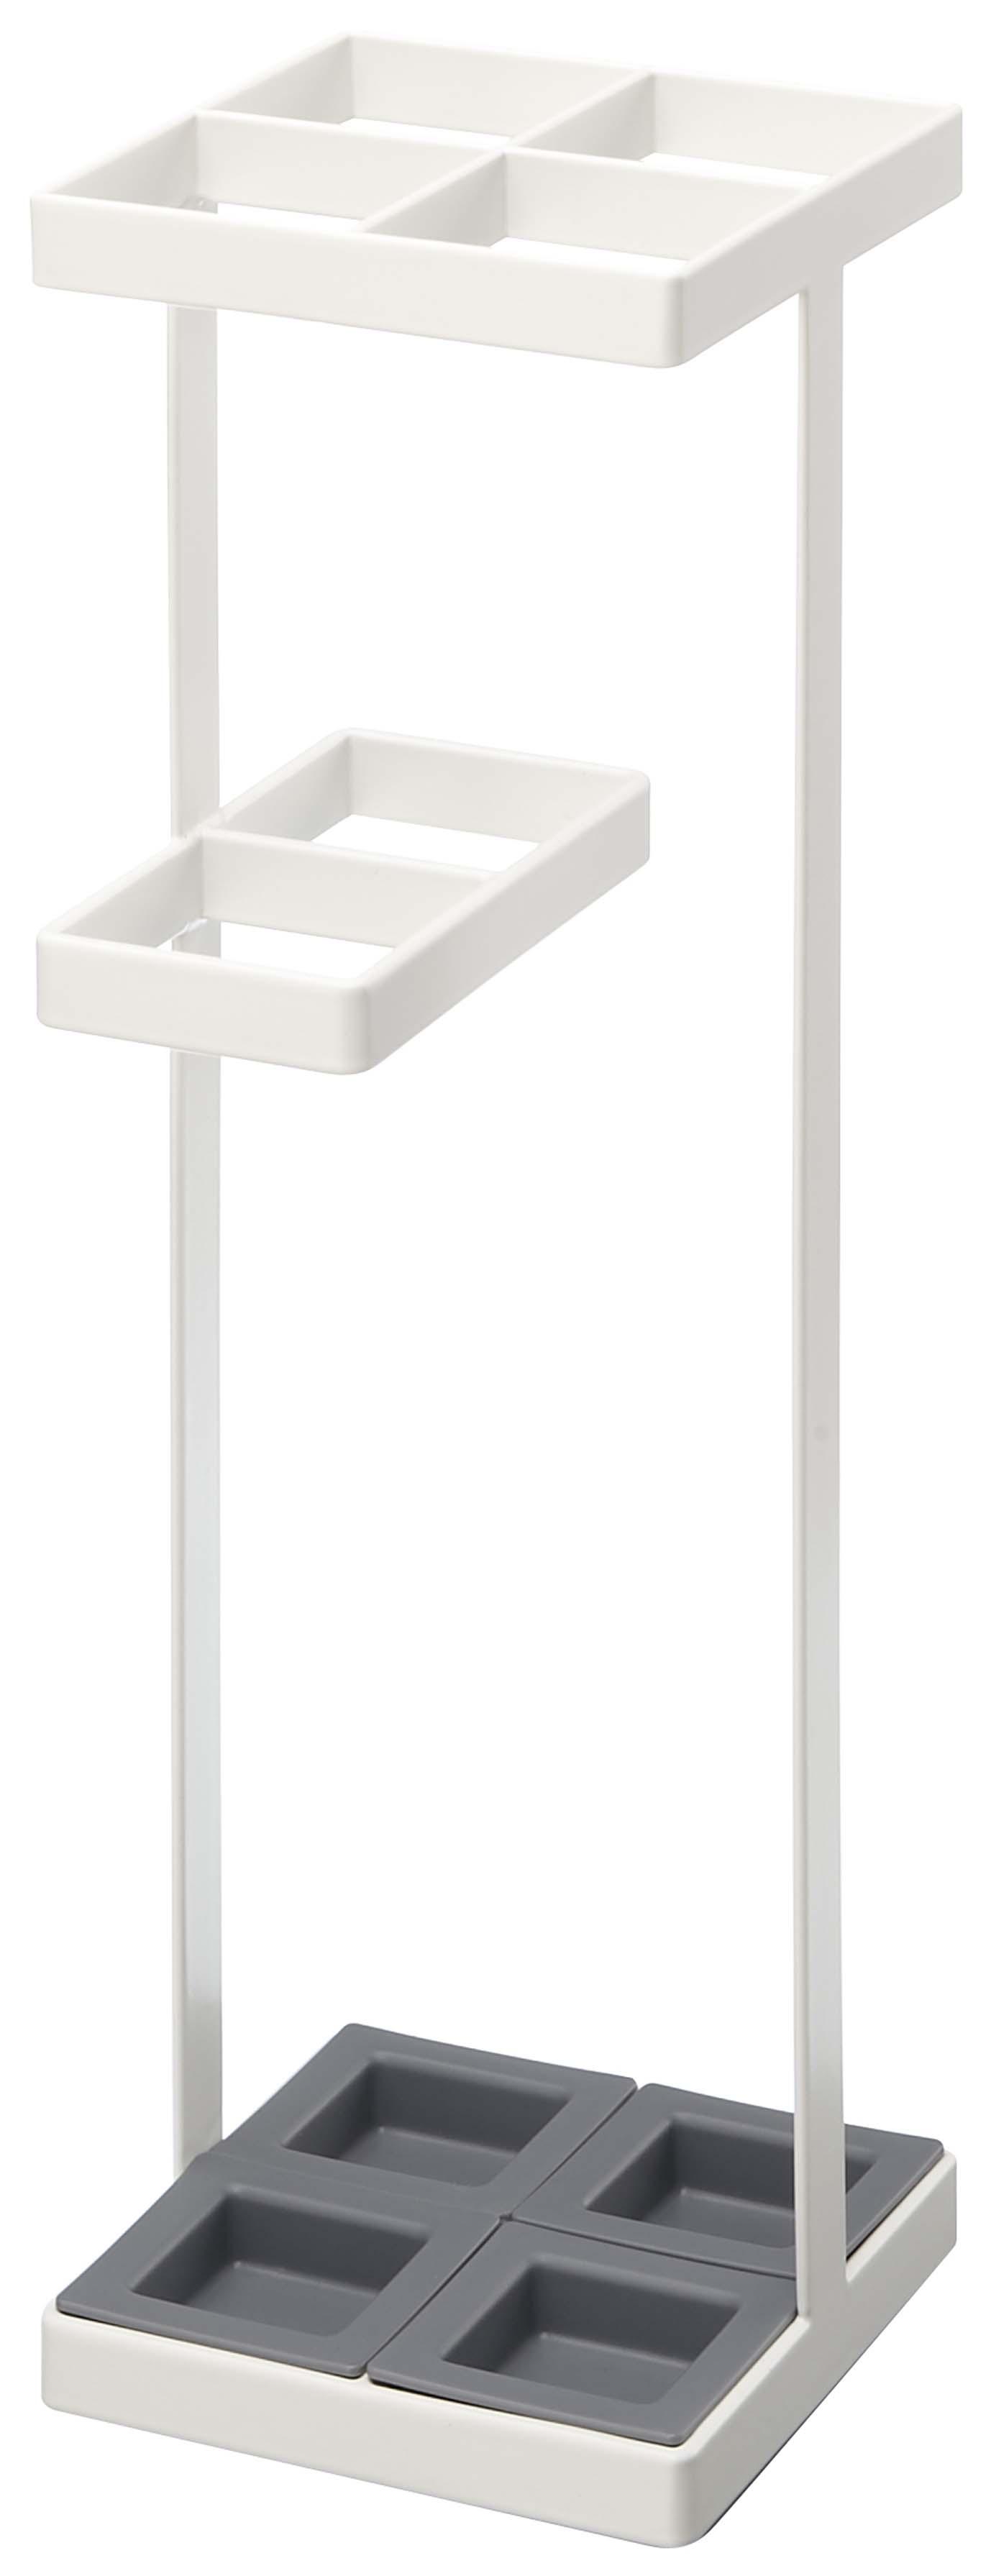 Подставка для зонтов Yamazaki TOWER UMBRELLA STAND, белый